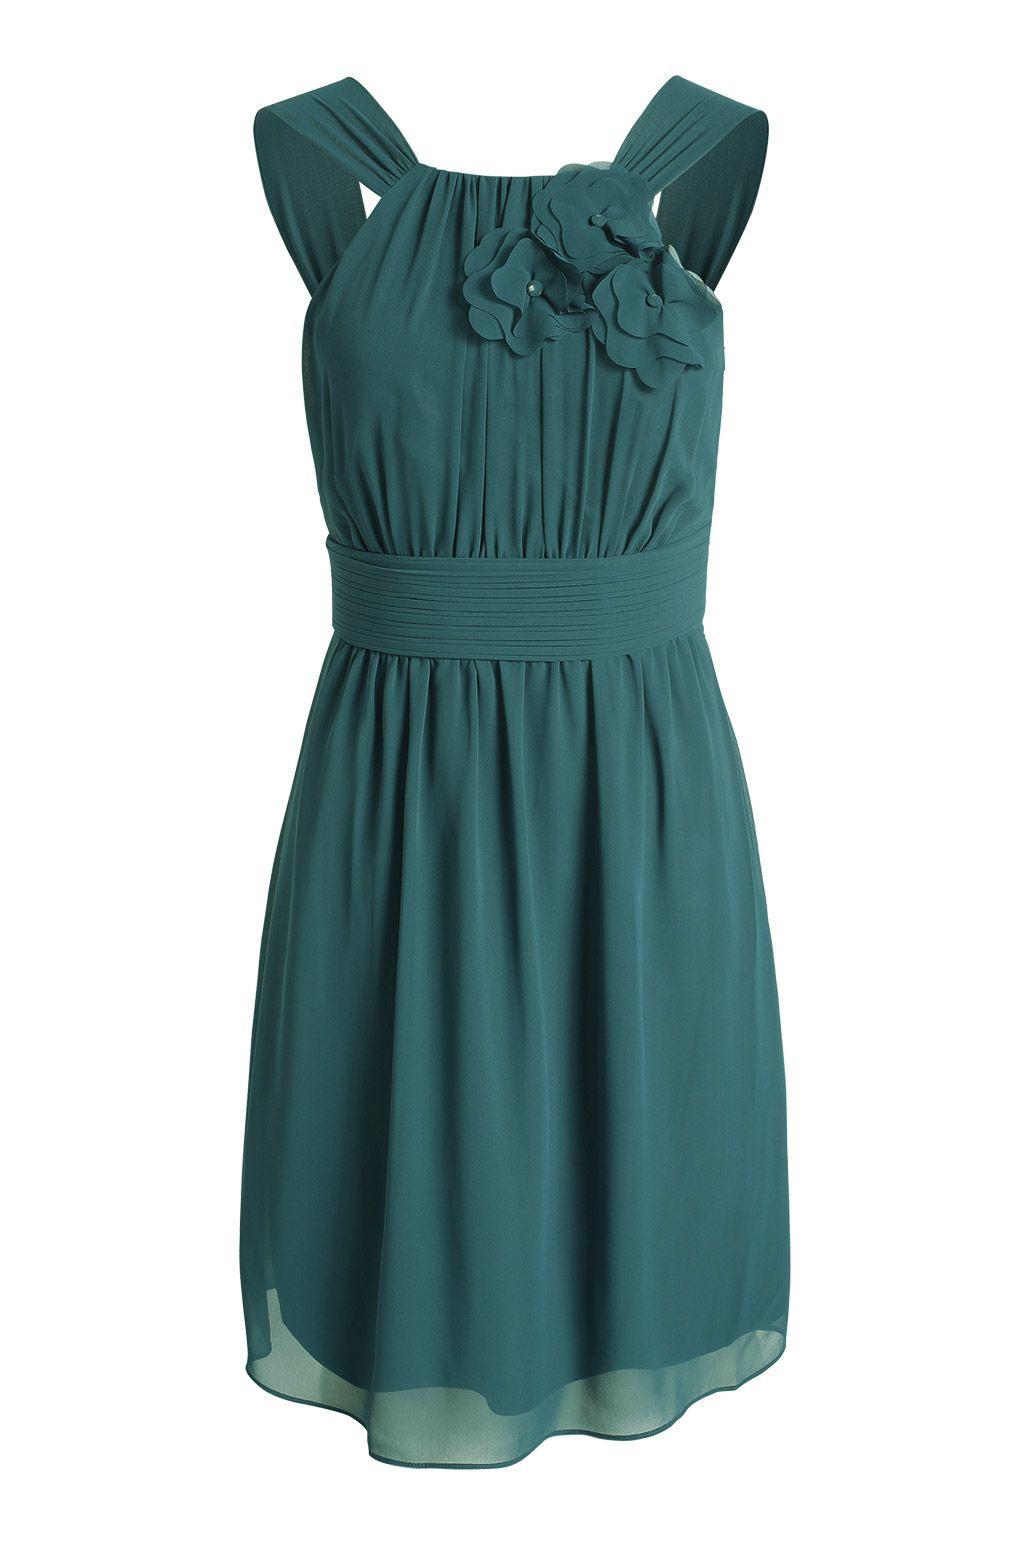 Esprit / Fließendes Chiffon-Kleid Mit Blüten | Kleider